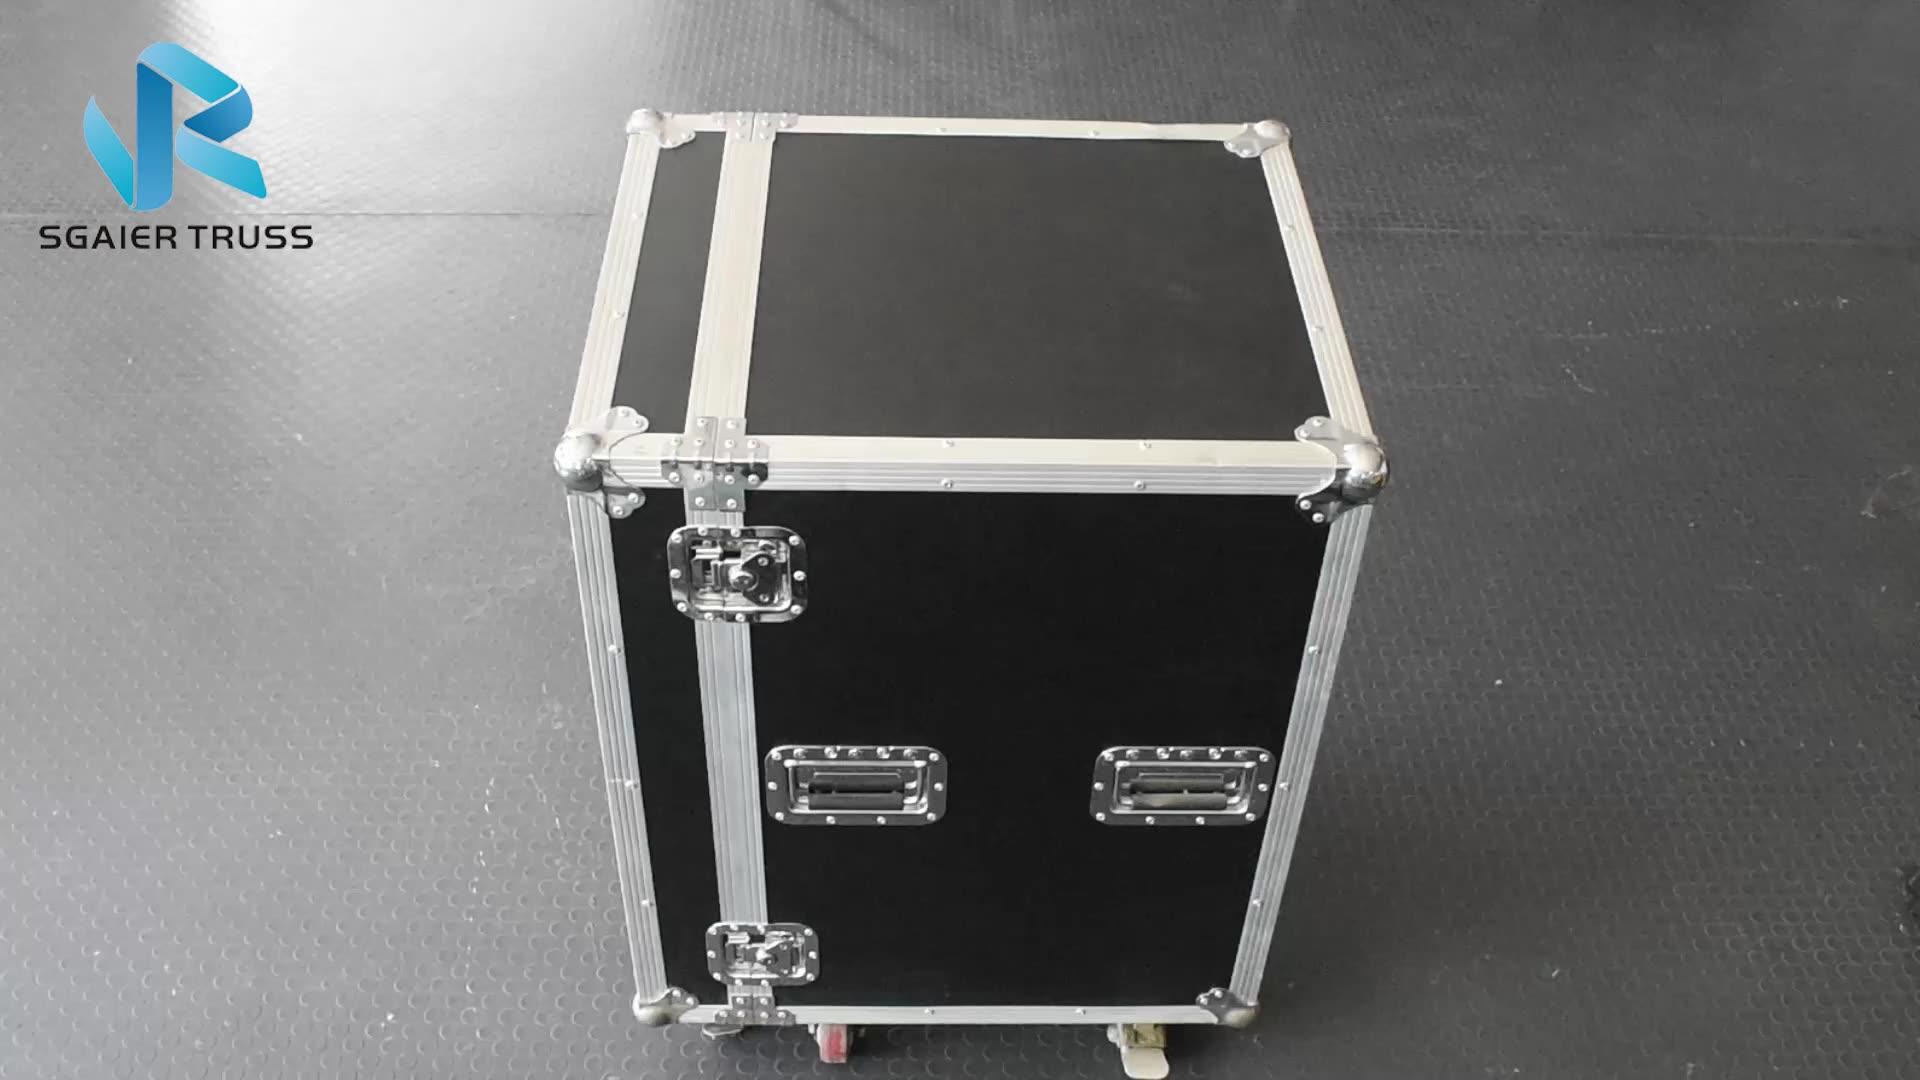 אלומיניום מסגרת דיקט dj אחסון שולחן קשה סחר להראות גלגלים טיסה מקרה עם מגירה/מקרה תיבה